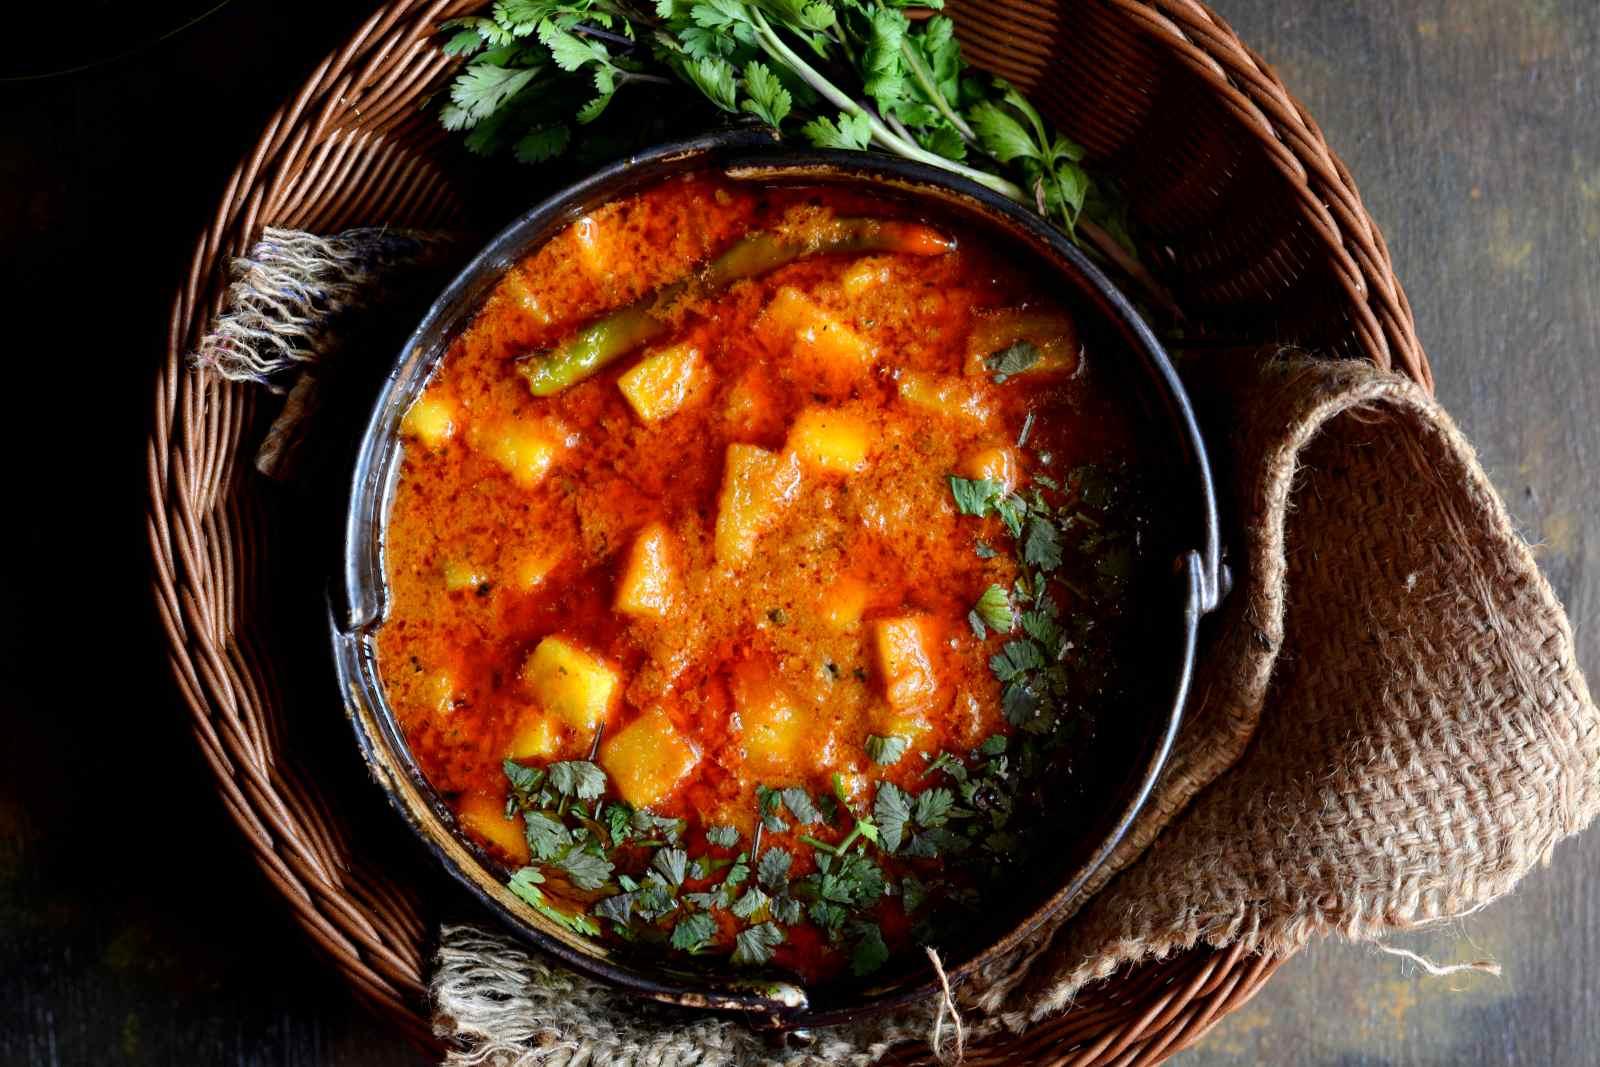 Kashmiri style al rogan josh pumpkin in red curry by archanas kitchen kashmiri style al rogan josh recipe pumpkin in red curry forumfinder Gallery